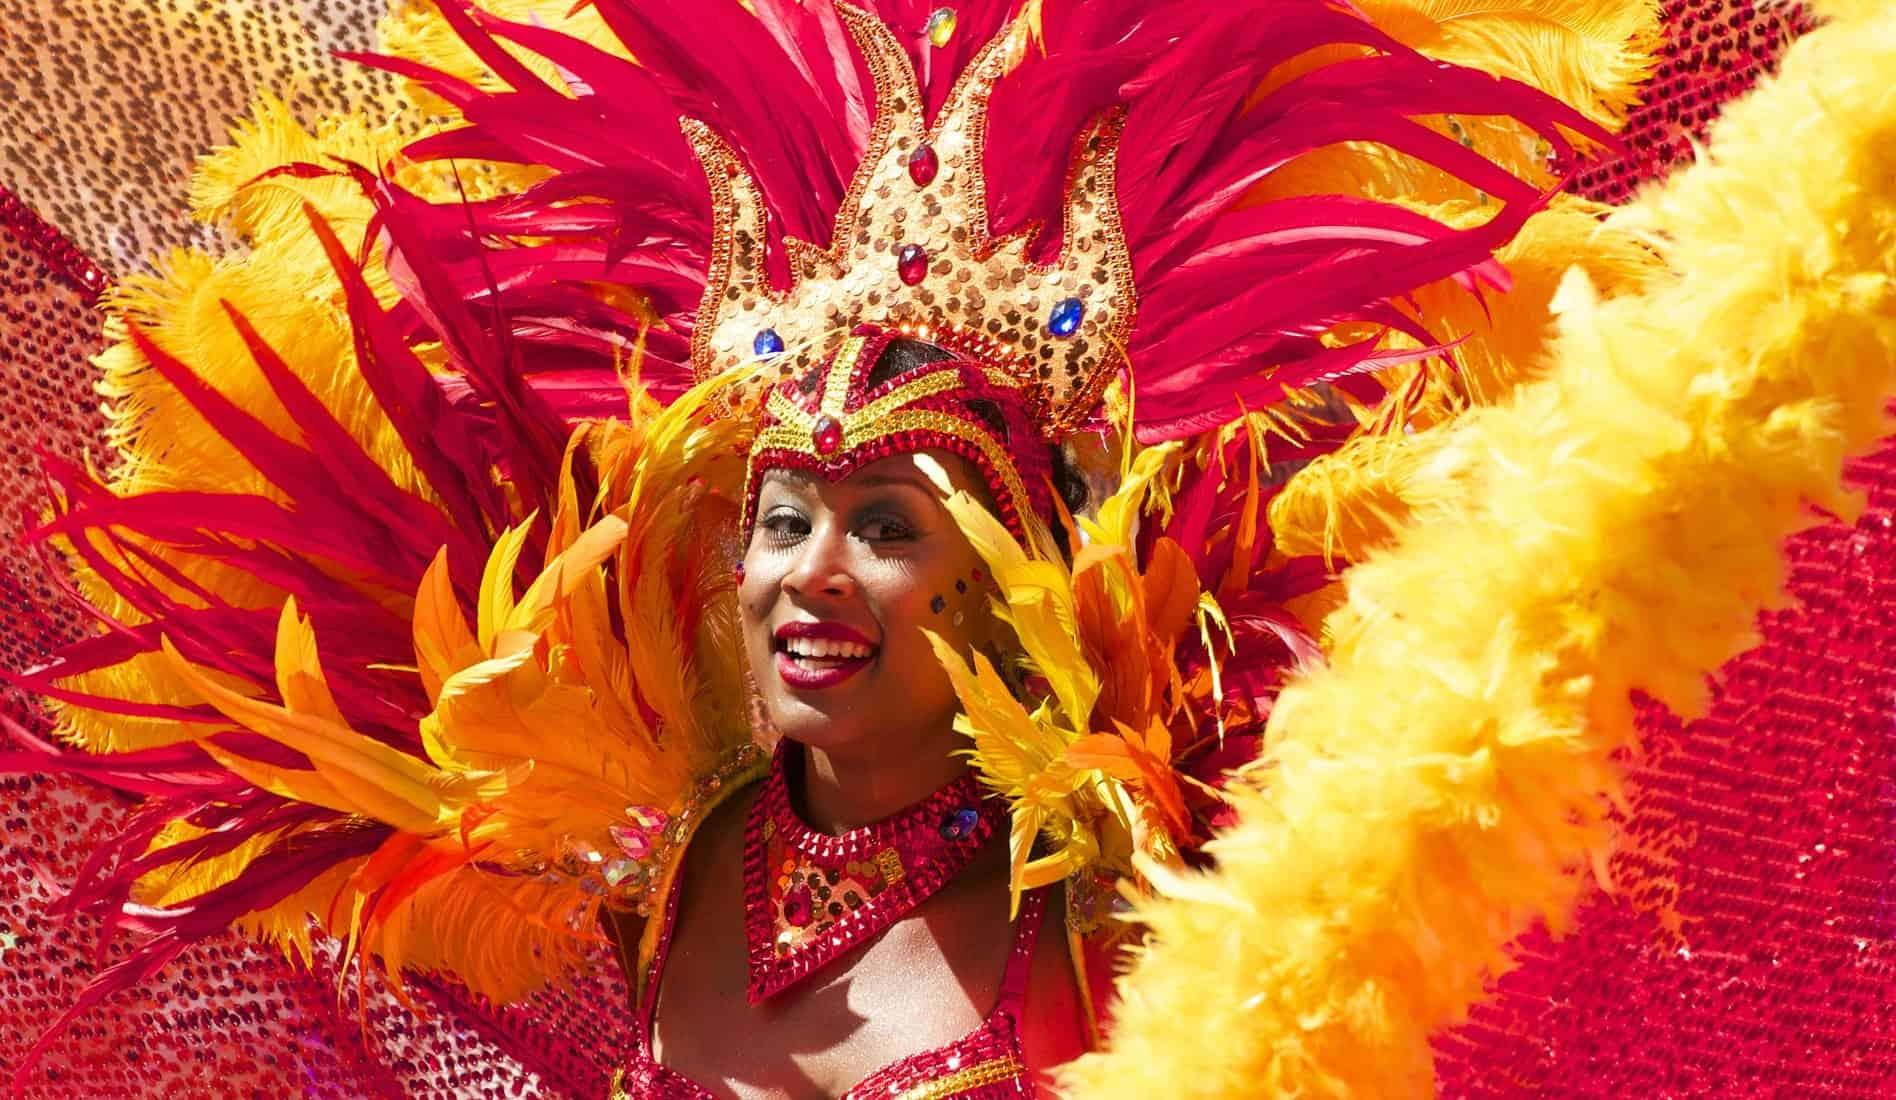 Saiba onde se pode divertir no Carnaval 2019! A animação está a chegar de norte a sul do País